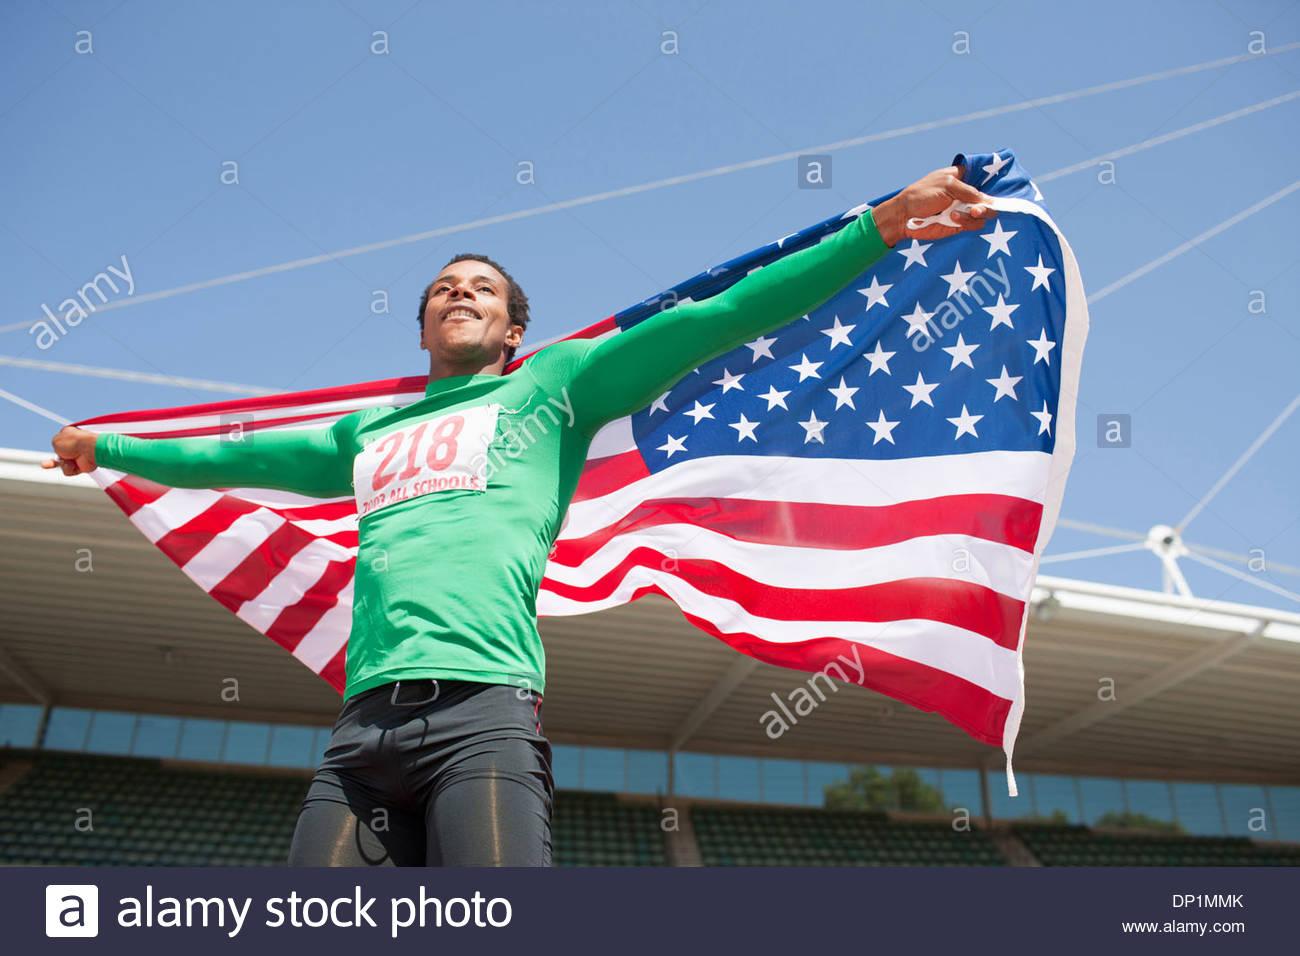 Läufer auf dem richtigen Weg mit amerikanischen Flagge feiern Stockbild